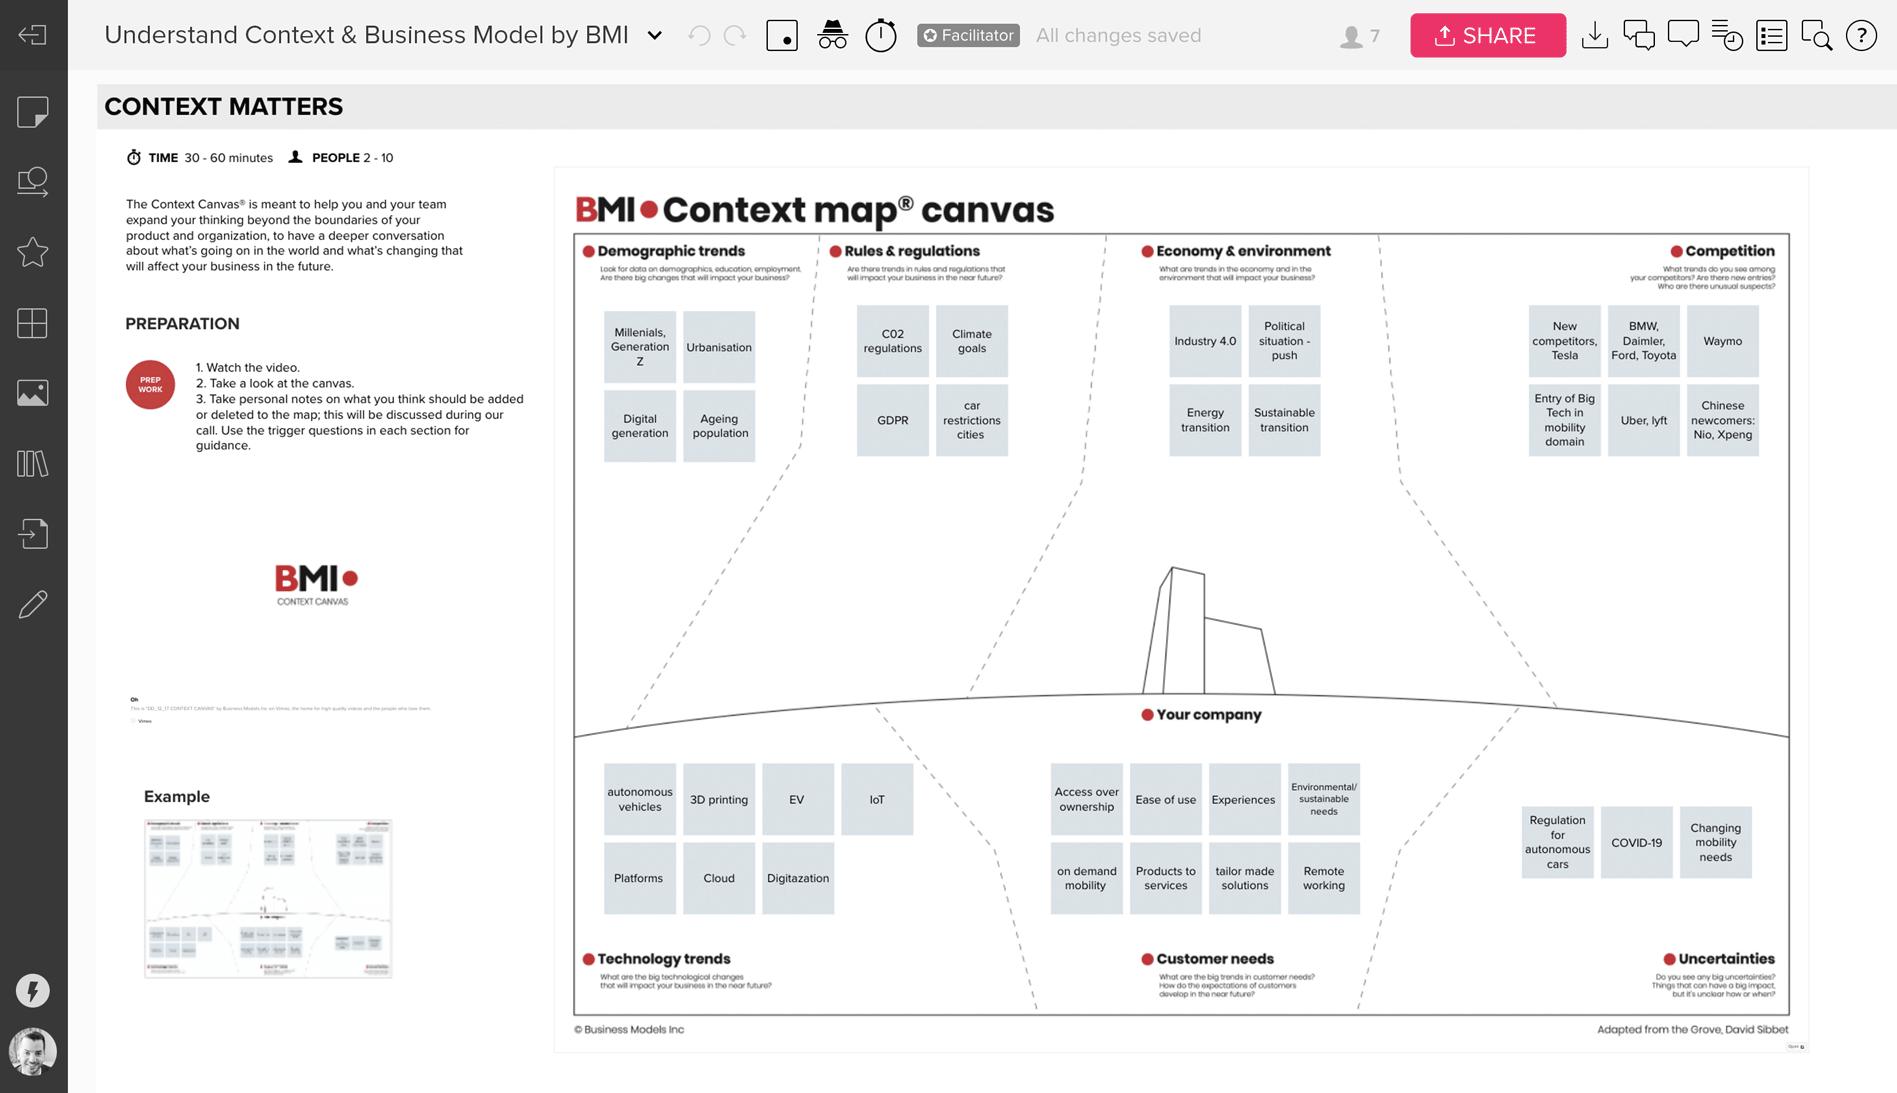 Understand Context & Business Model